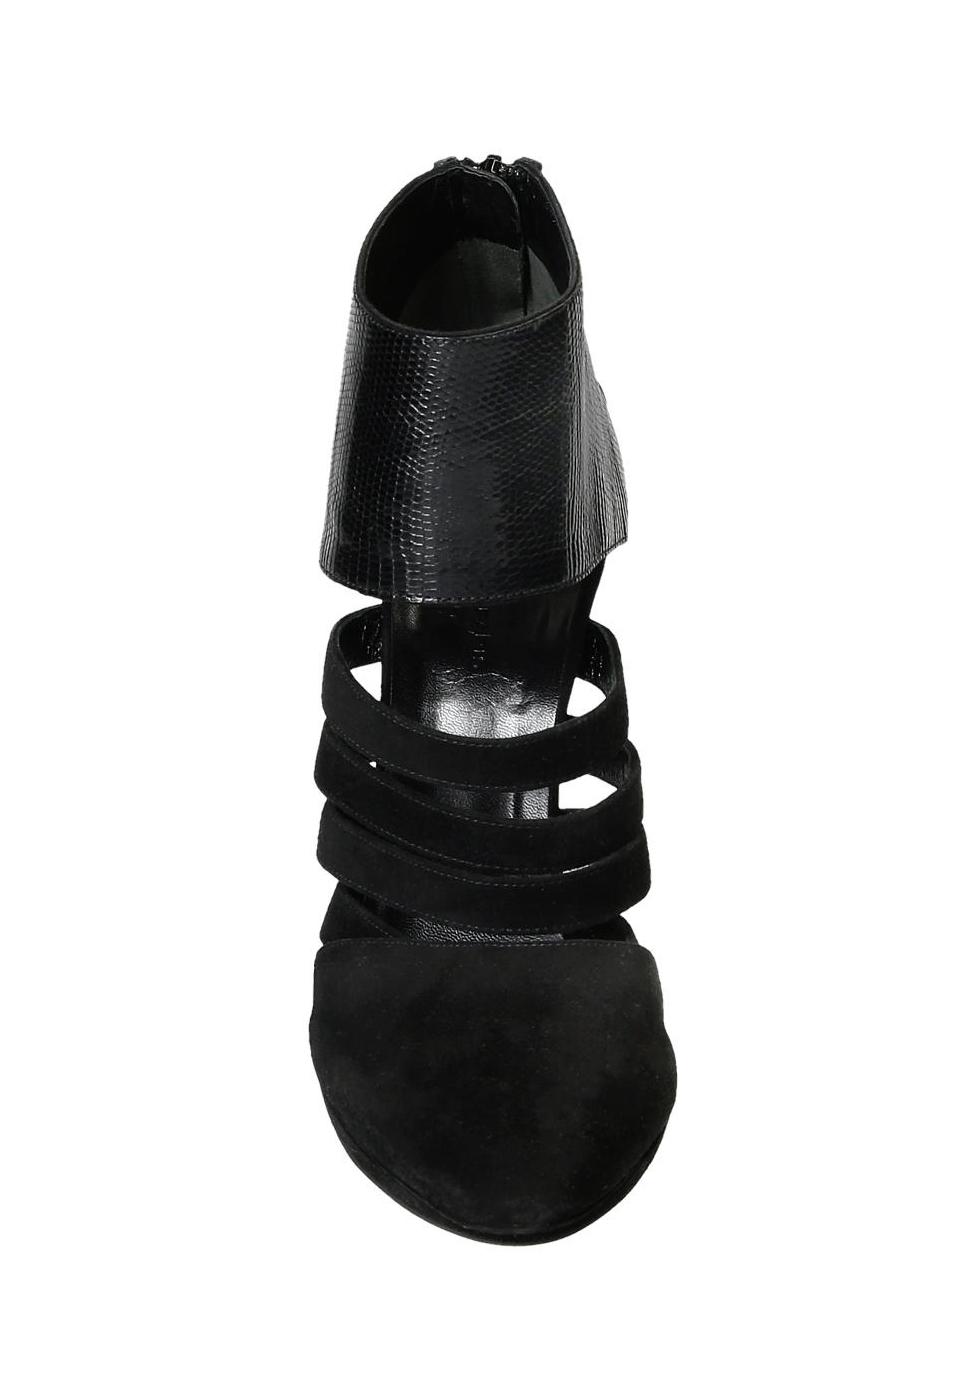 3e8796ee97d9 Balenciaga black suede high stiletto heels booties - Italian Boutique